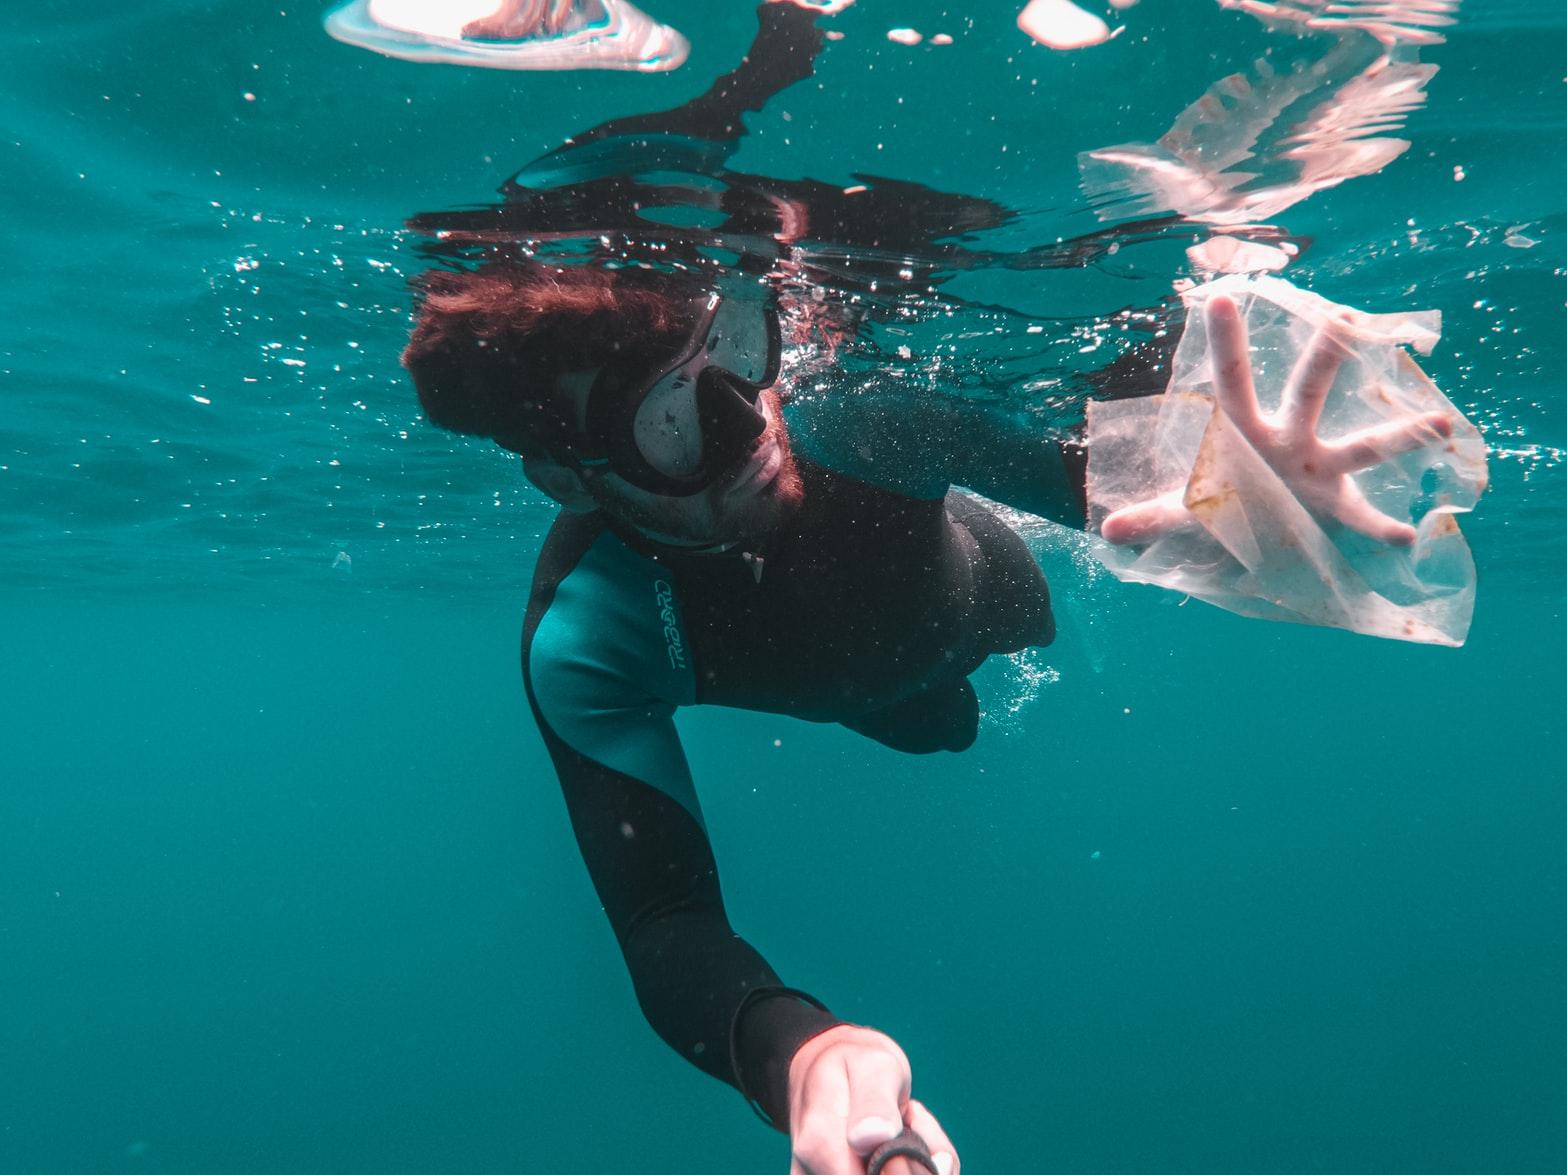 Taucher mit Plastiktüte